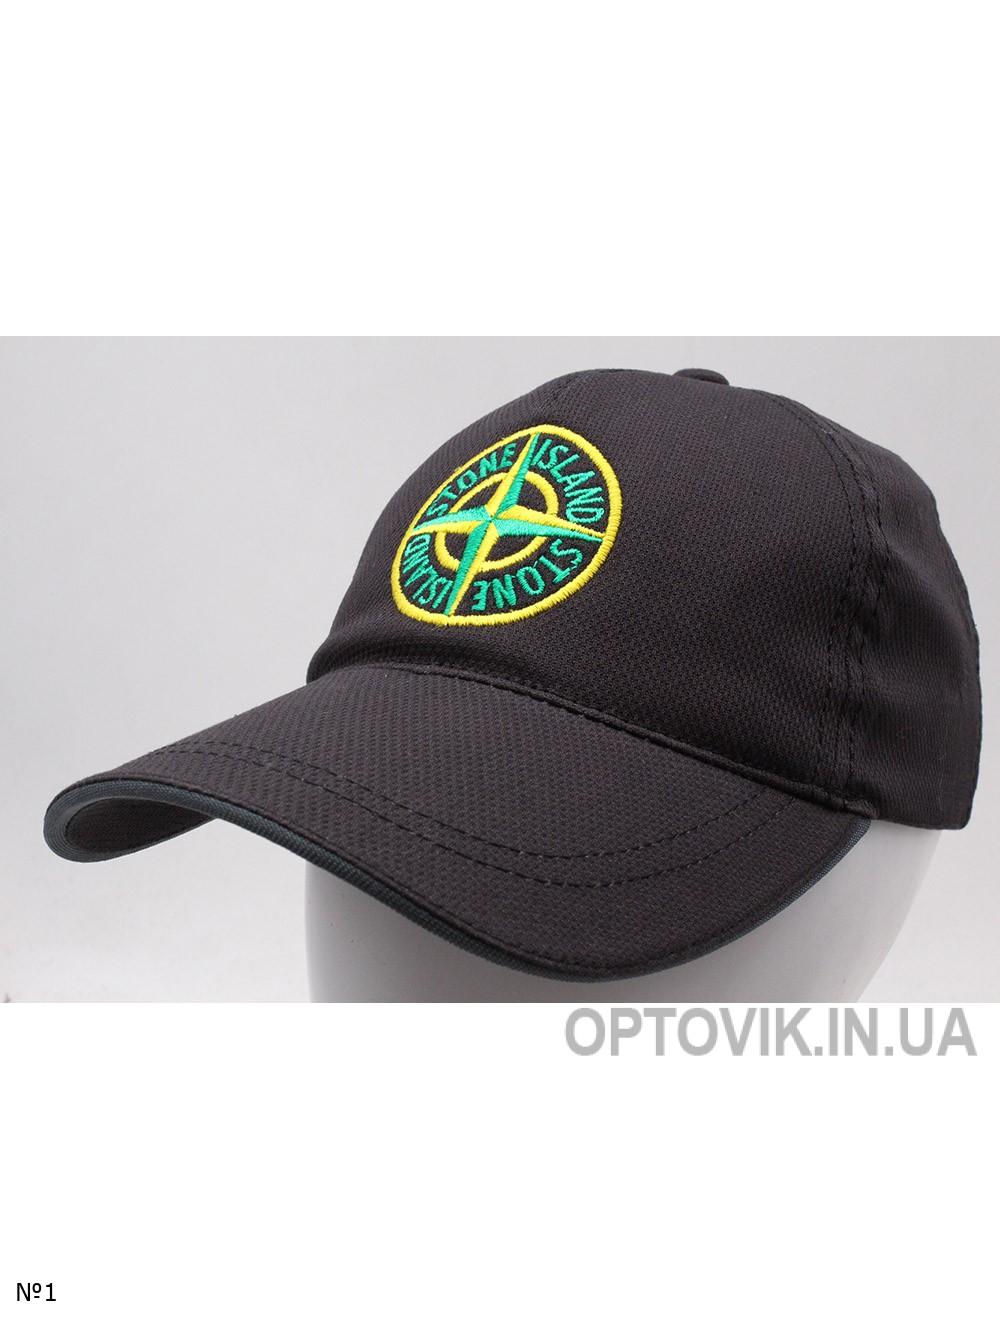 Классика - N043375-55-59 (Full cap)